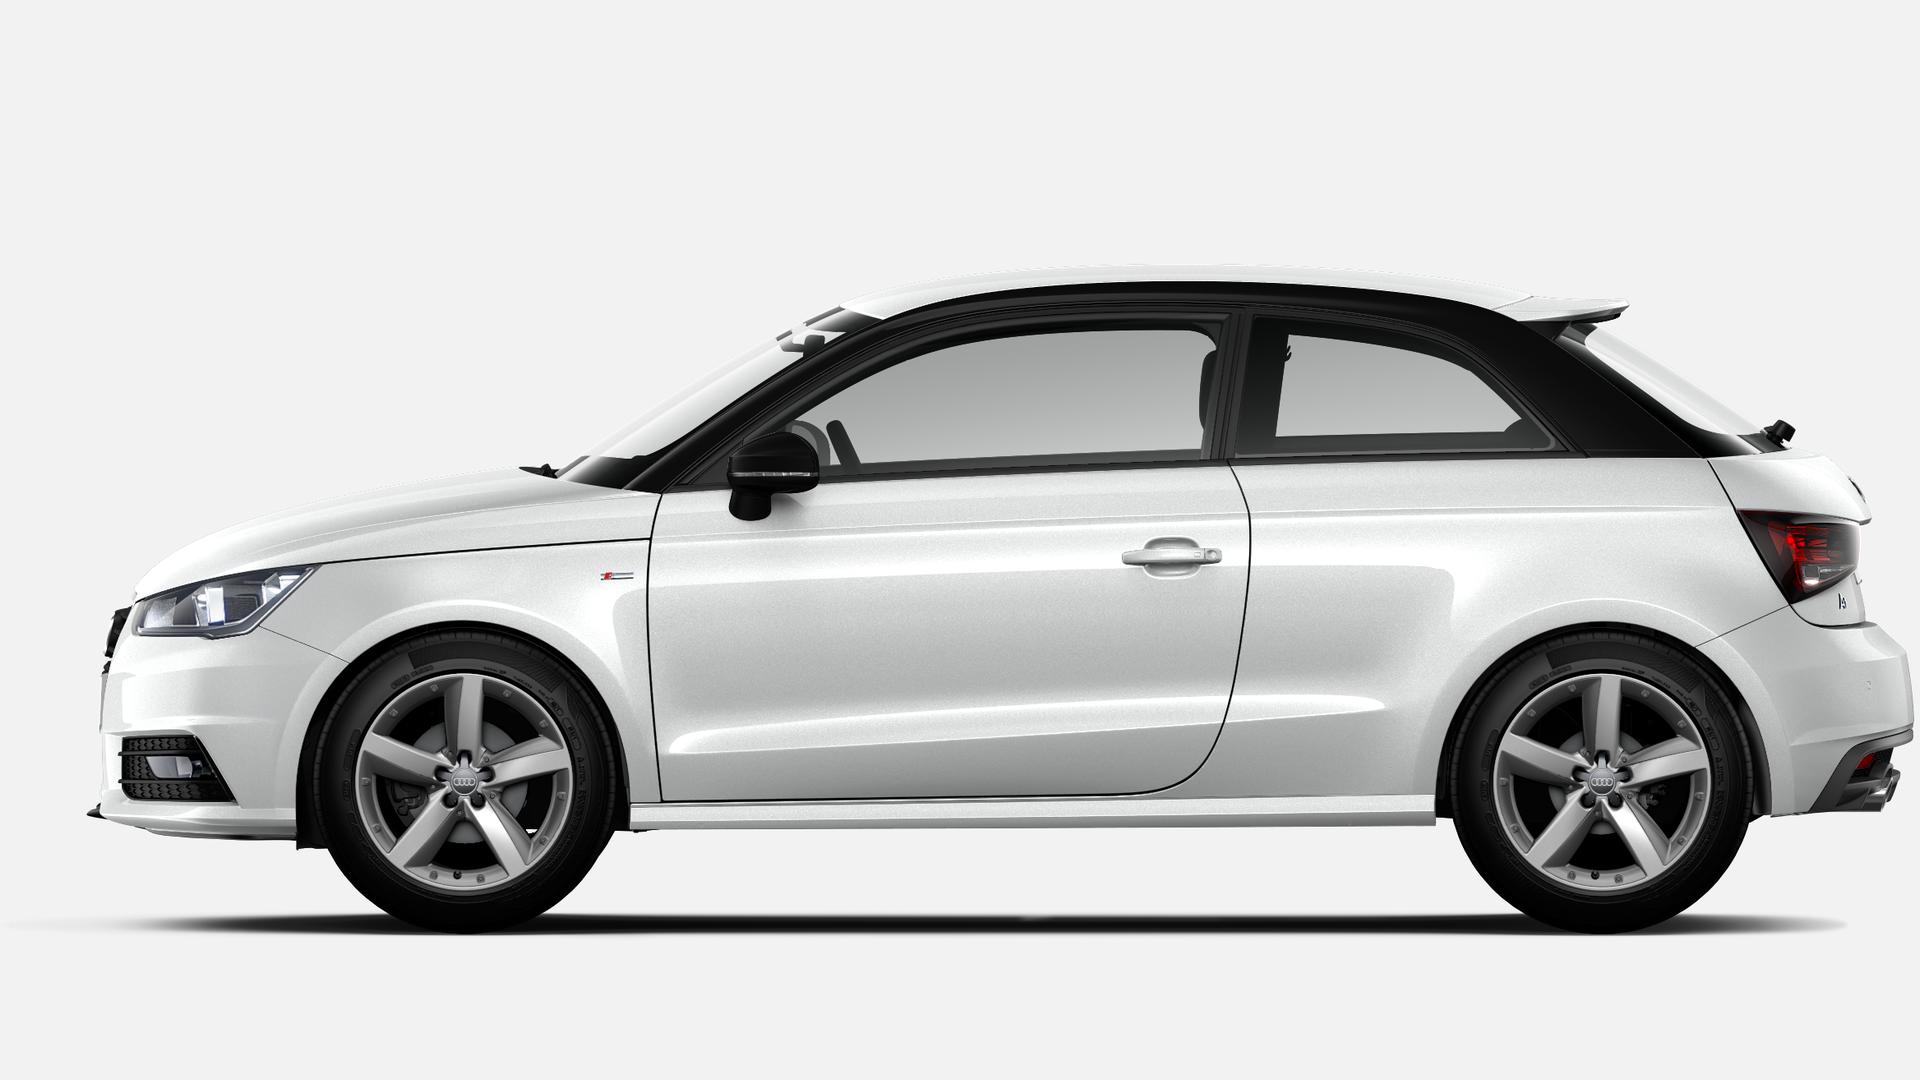 Vista Lateral izquierda de Audi A1 1.0 TFSI Adrenalin 70 kW (95 CV)